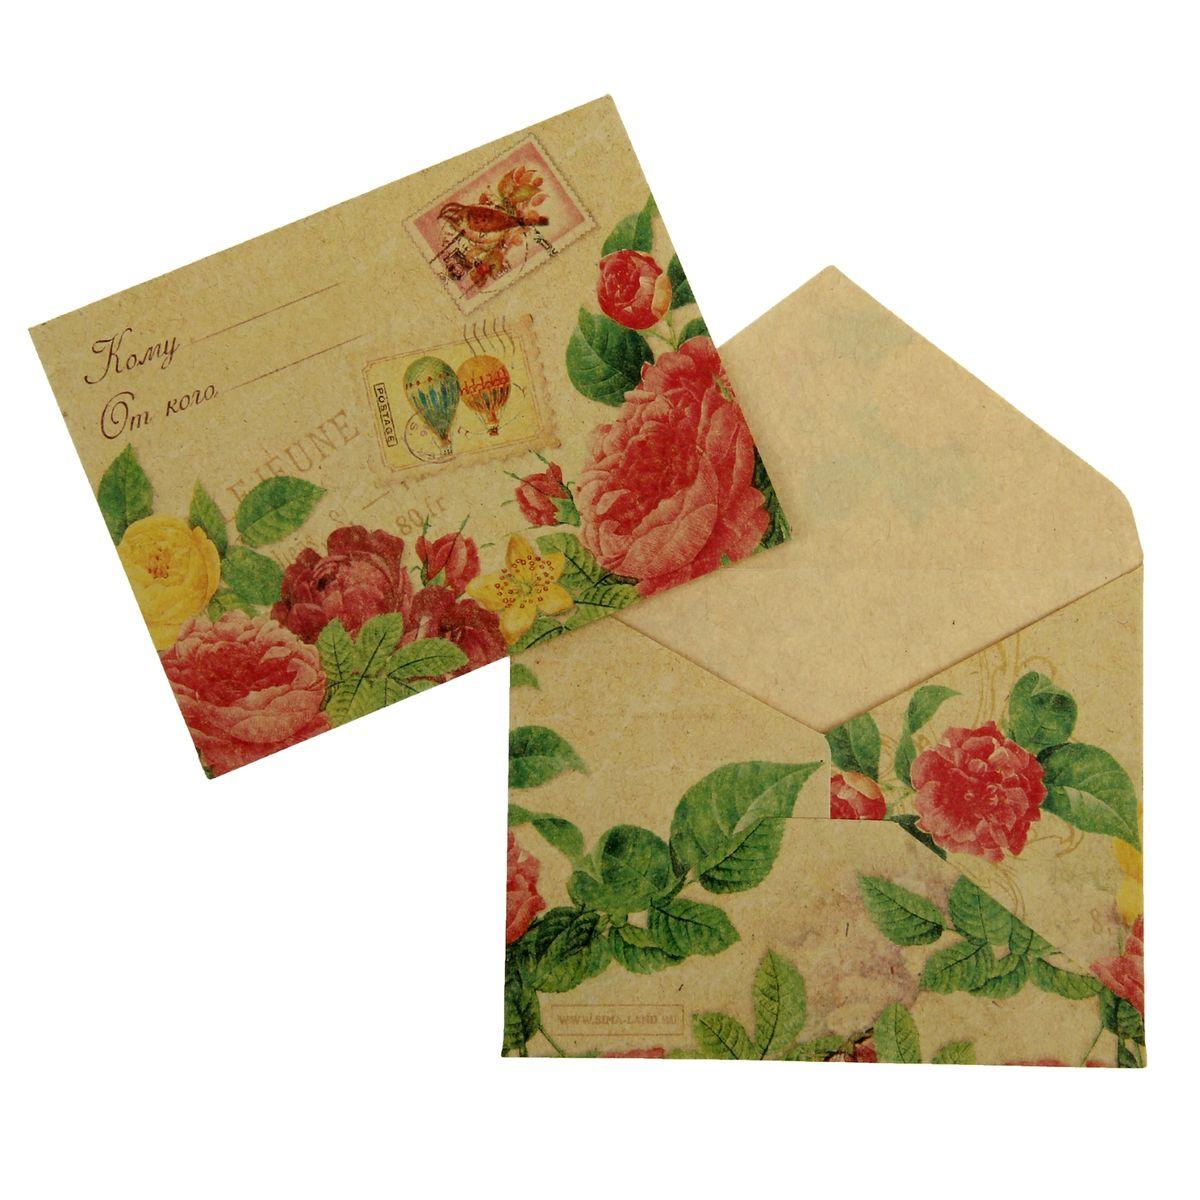 Конверт подарочный Цветы1021080Конверт Цветы, изготовленный из бумаги, украшен принтом с изображением цветов и марок. В верхнем левом углу есть две строчки, в которые можно вписать: от кого и кому адресуется данный конверт. Такой конверт станет отличным помощником в оформлении подарка близкому человеку.